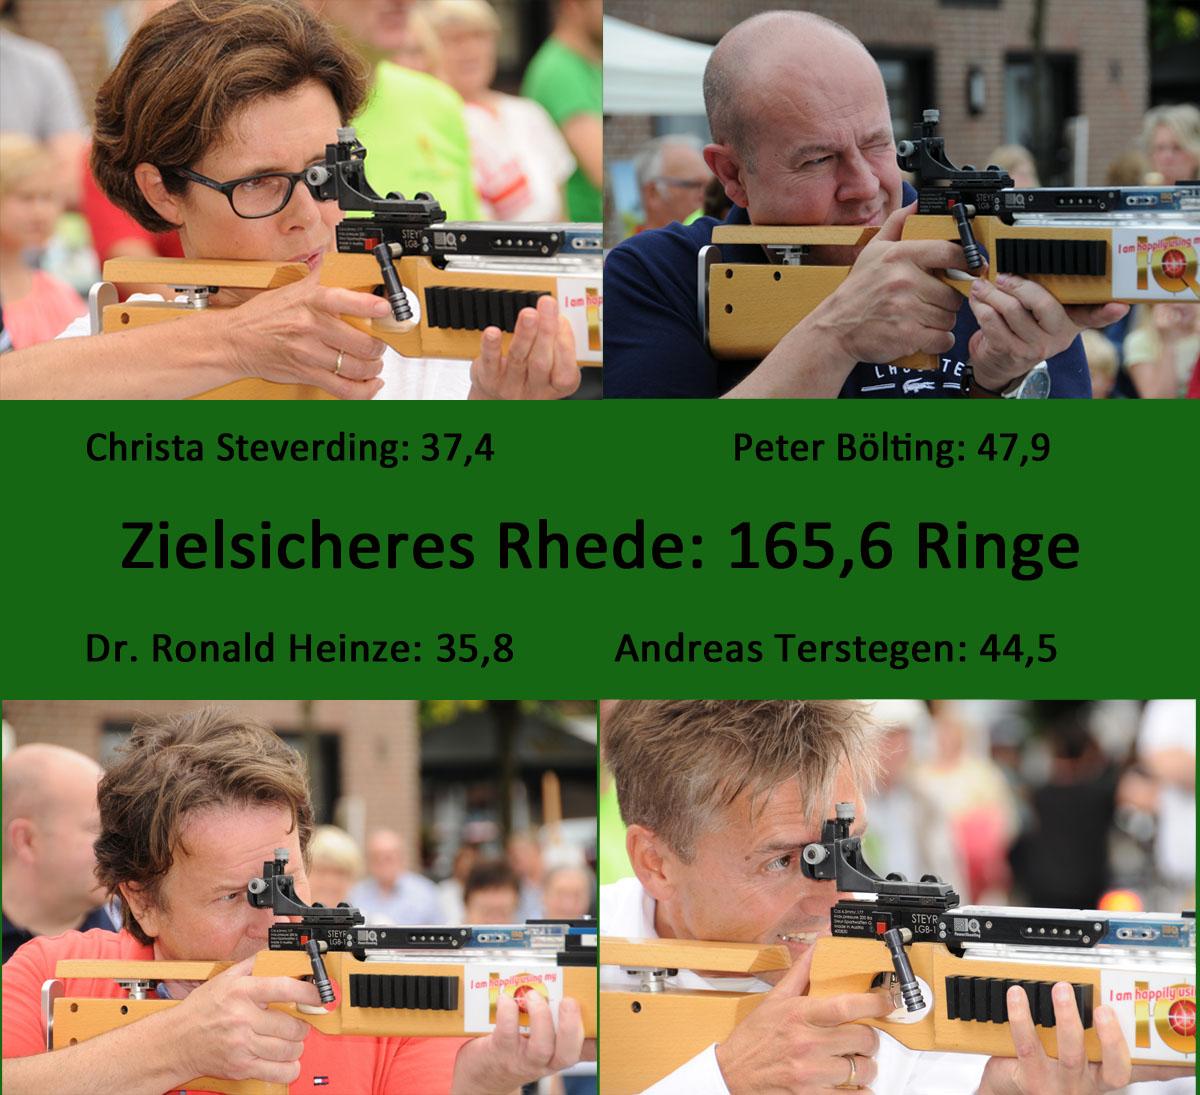 Zielsicheres_rhede_bearbeitet-1